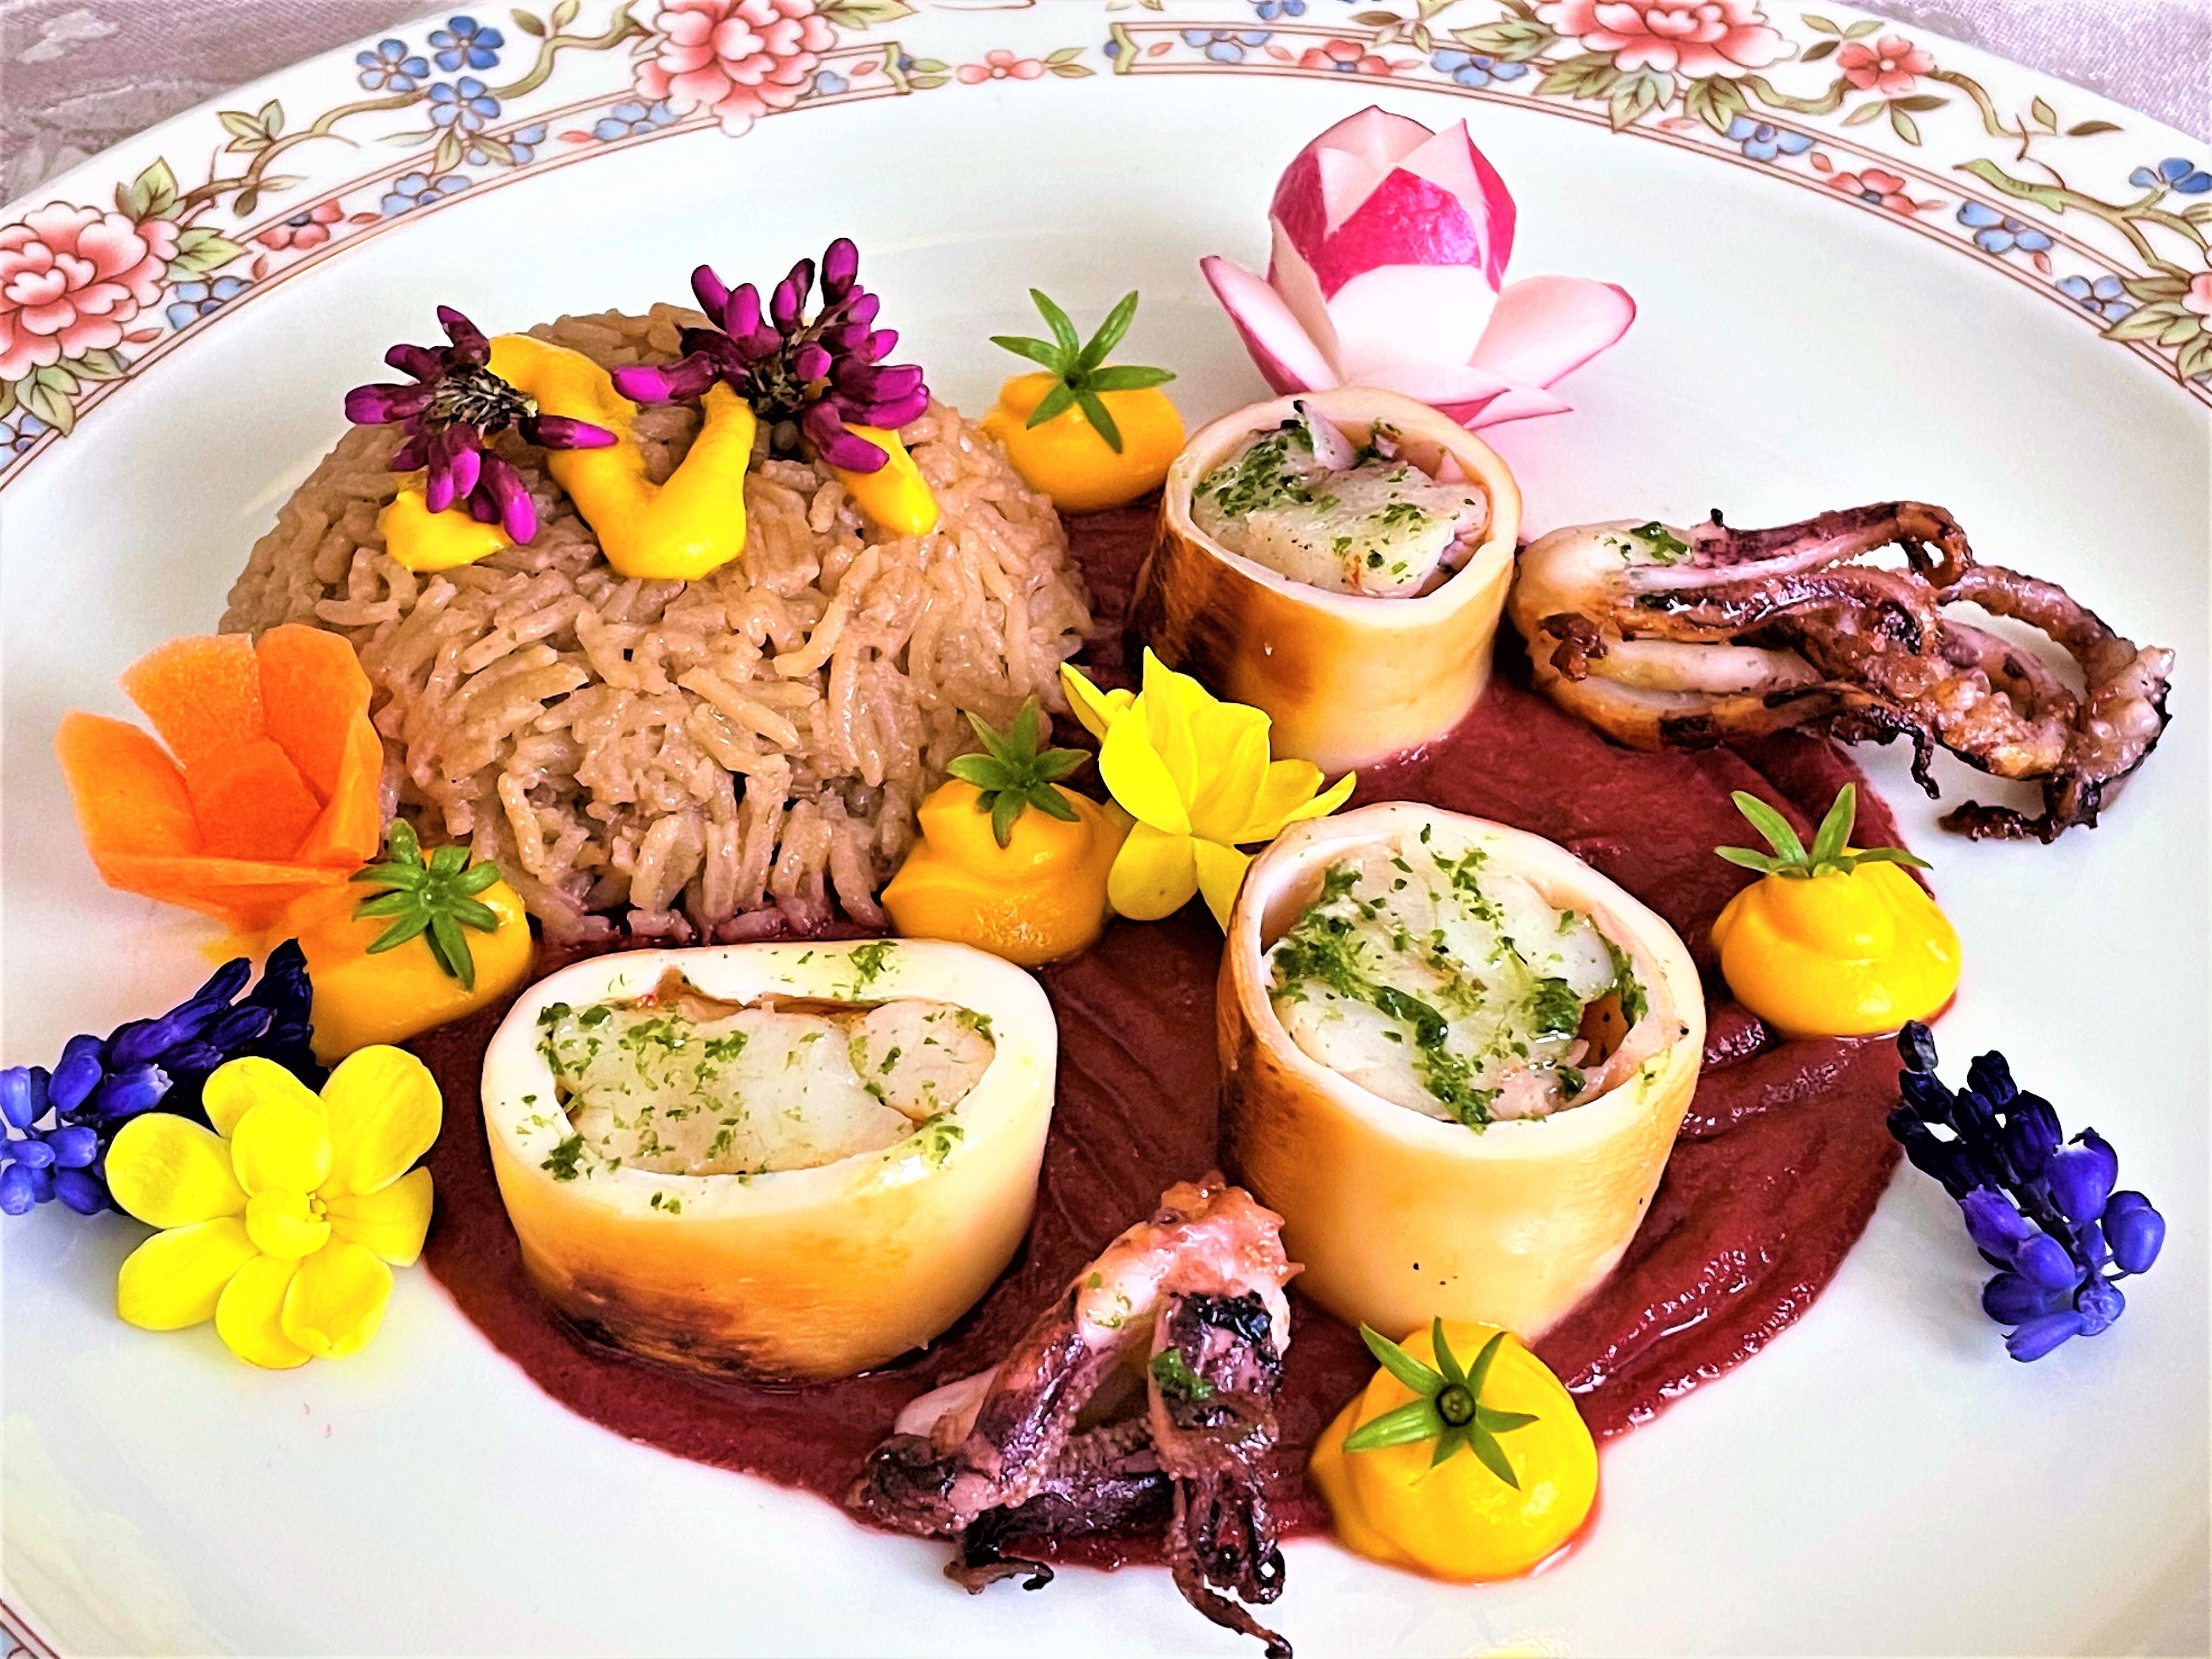 Calamari ripieni di code di scampo con salsa di barbabietola